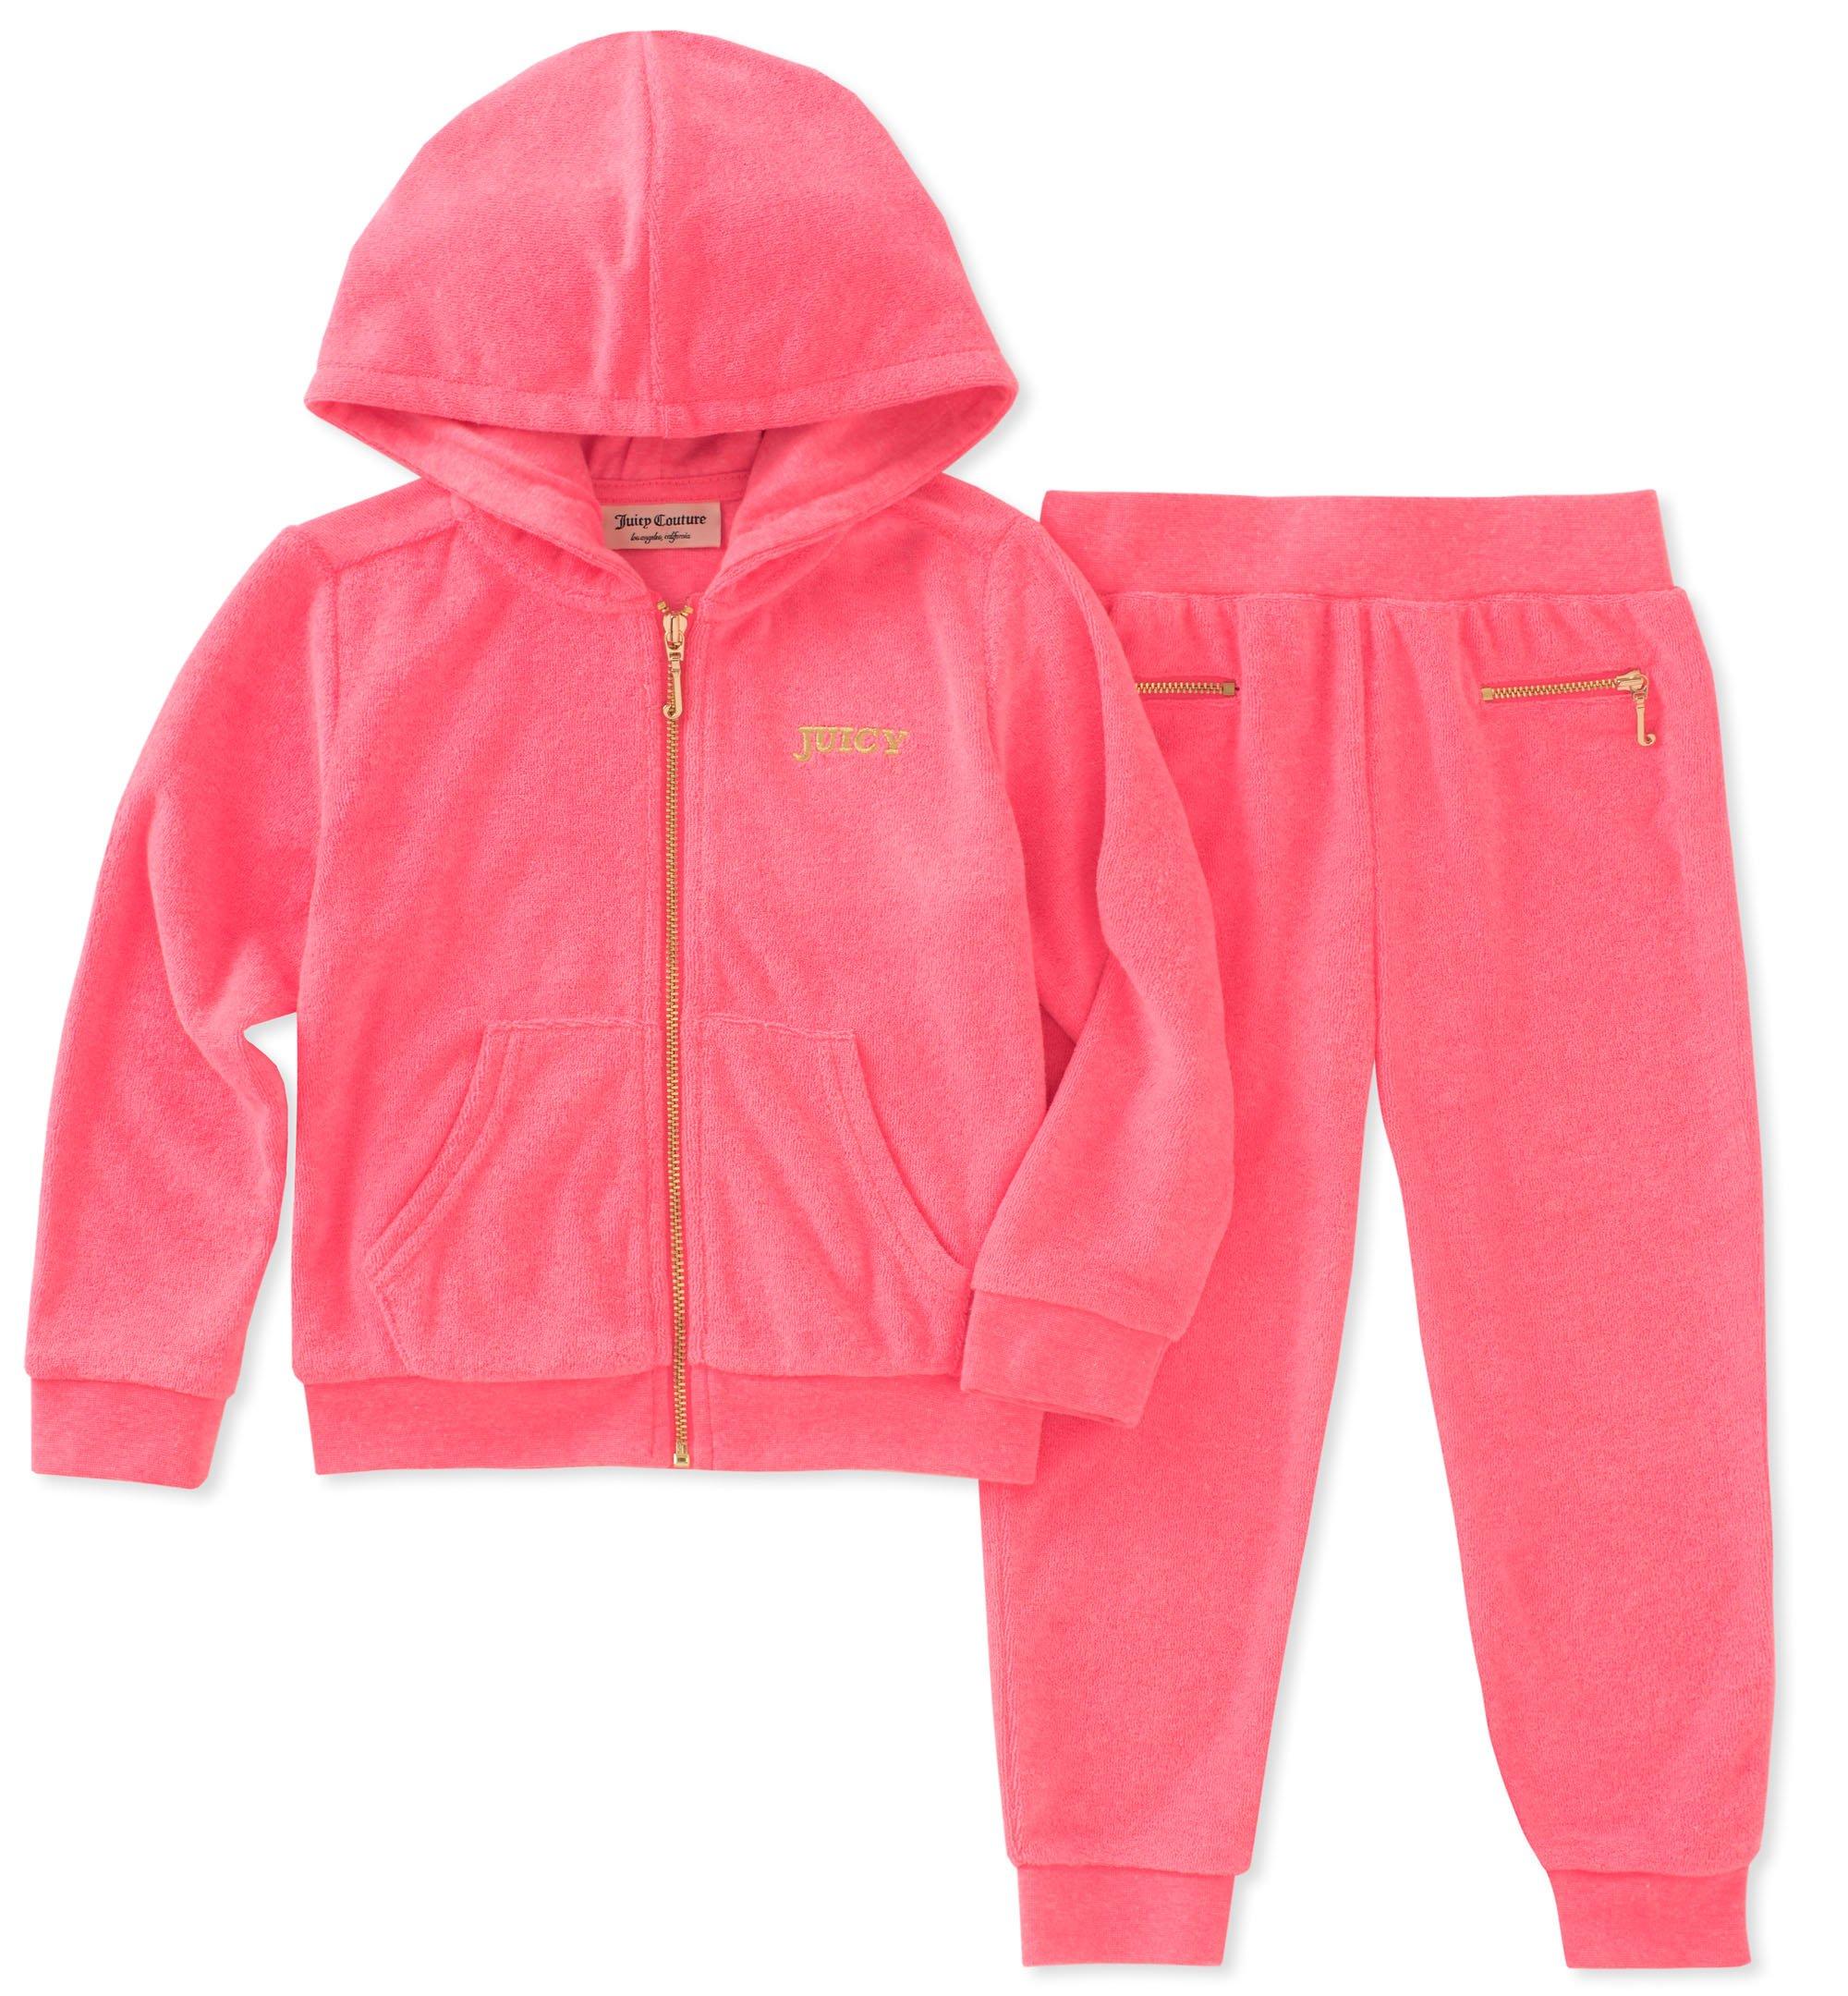 Juicy Couture Girls' Big 2 Pieces Jog Set, Pink, 8/10